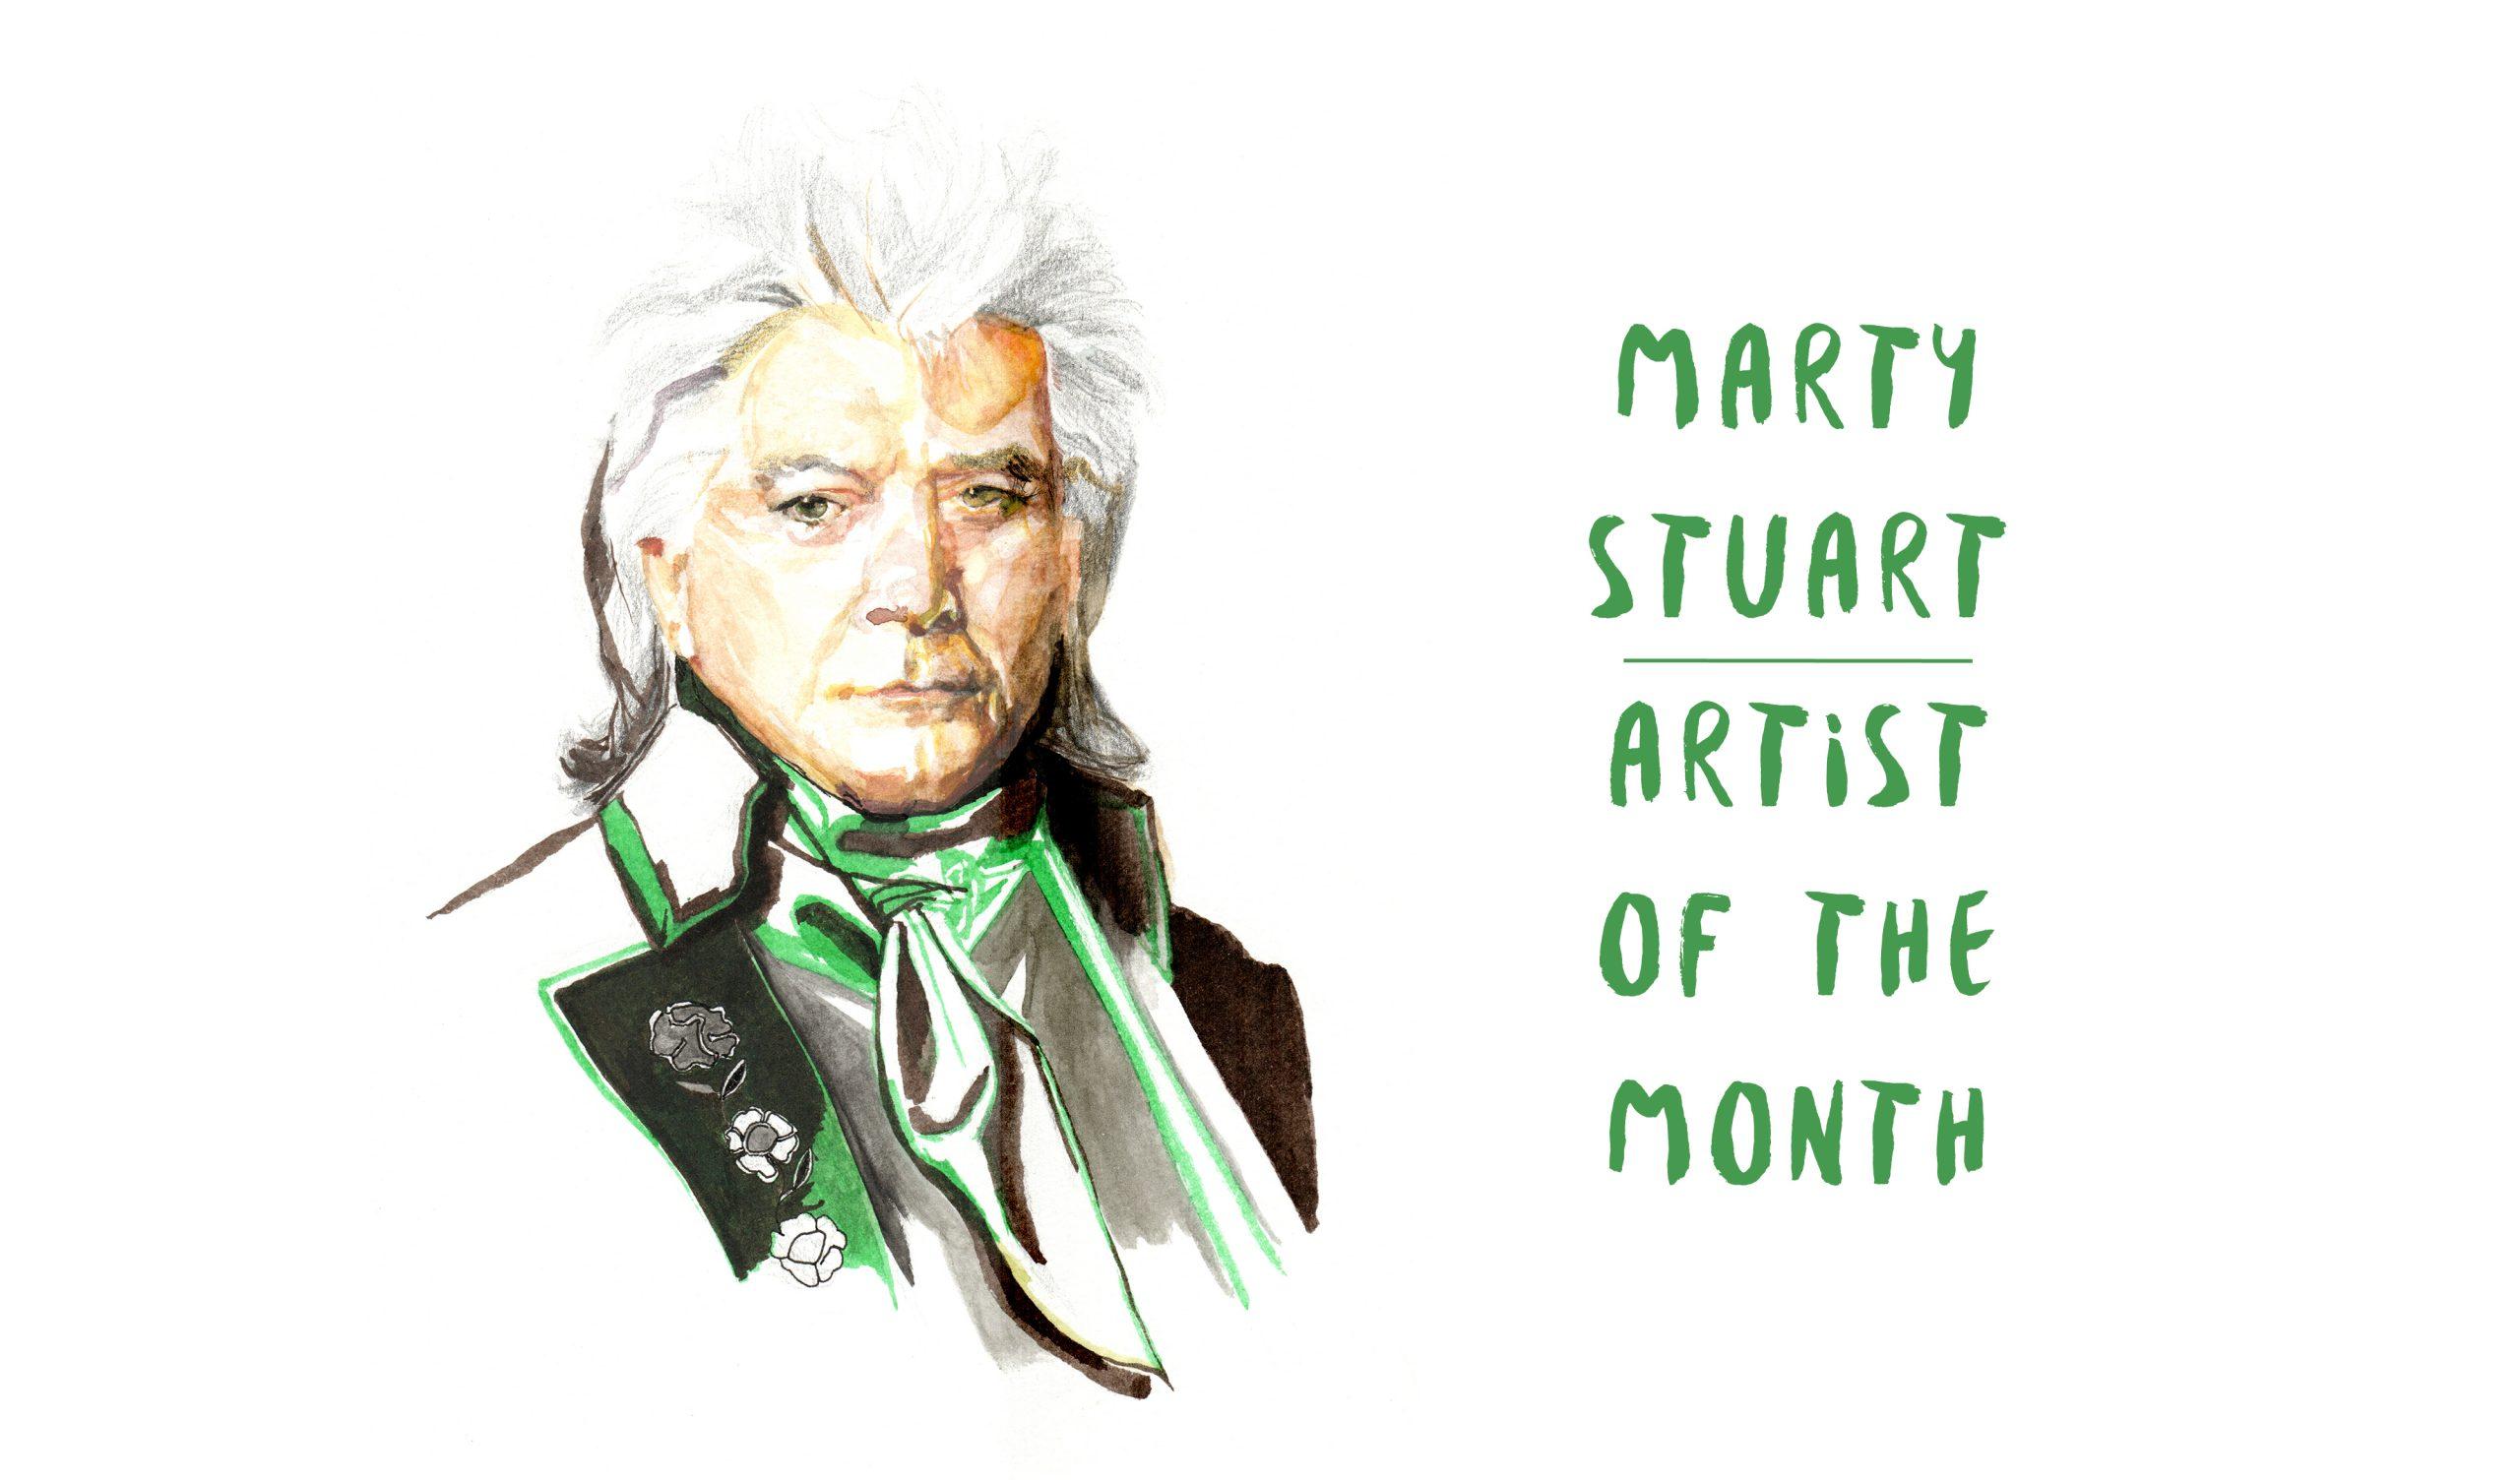 Marty Stuart: Surfing the Desert Waves